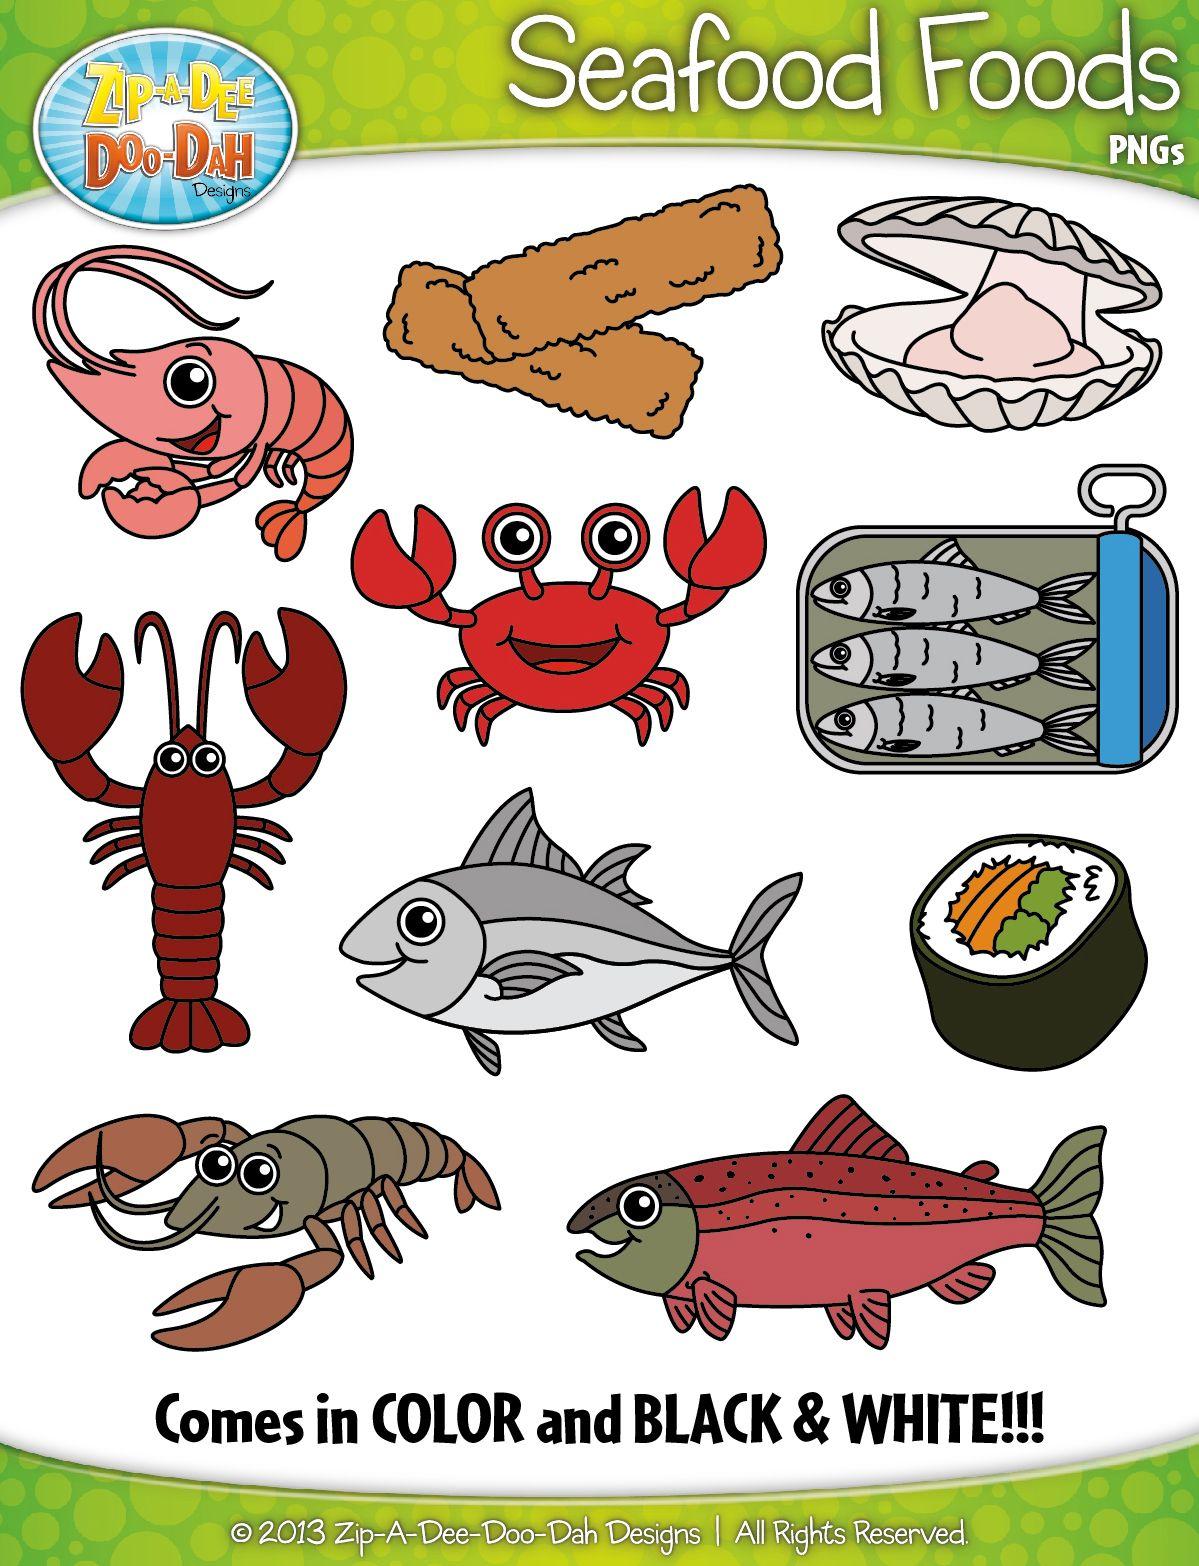 Seafood Foods Clipart Zip A Dee Doo Dah Designs